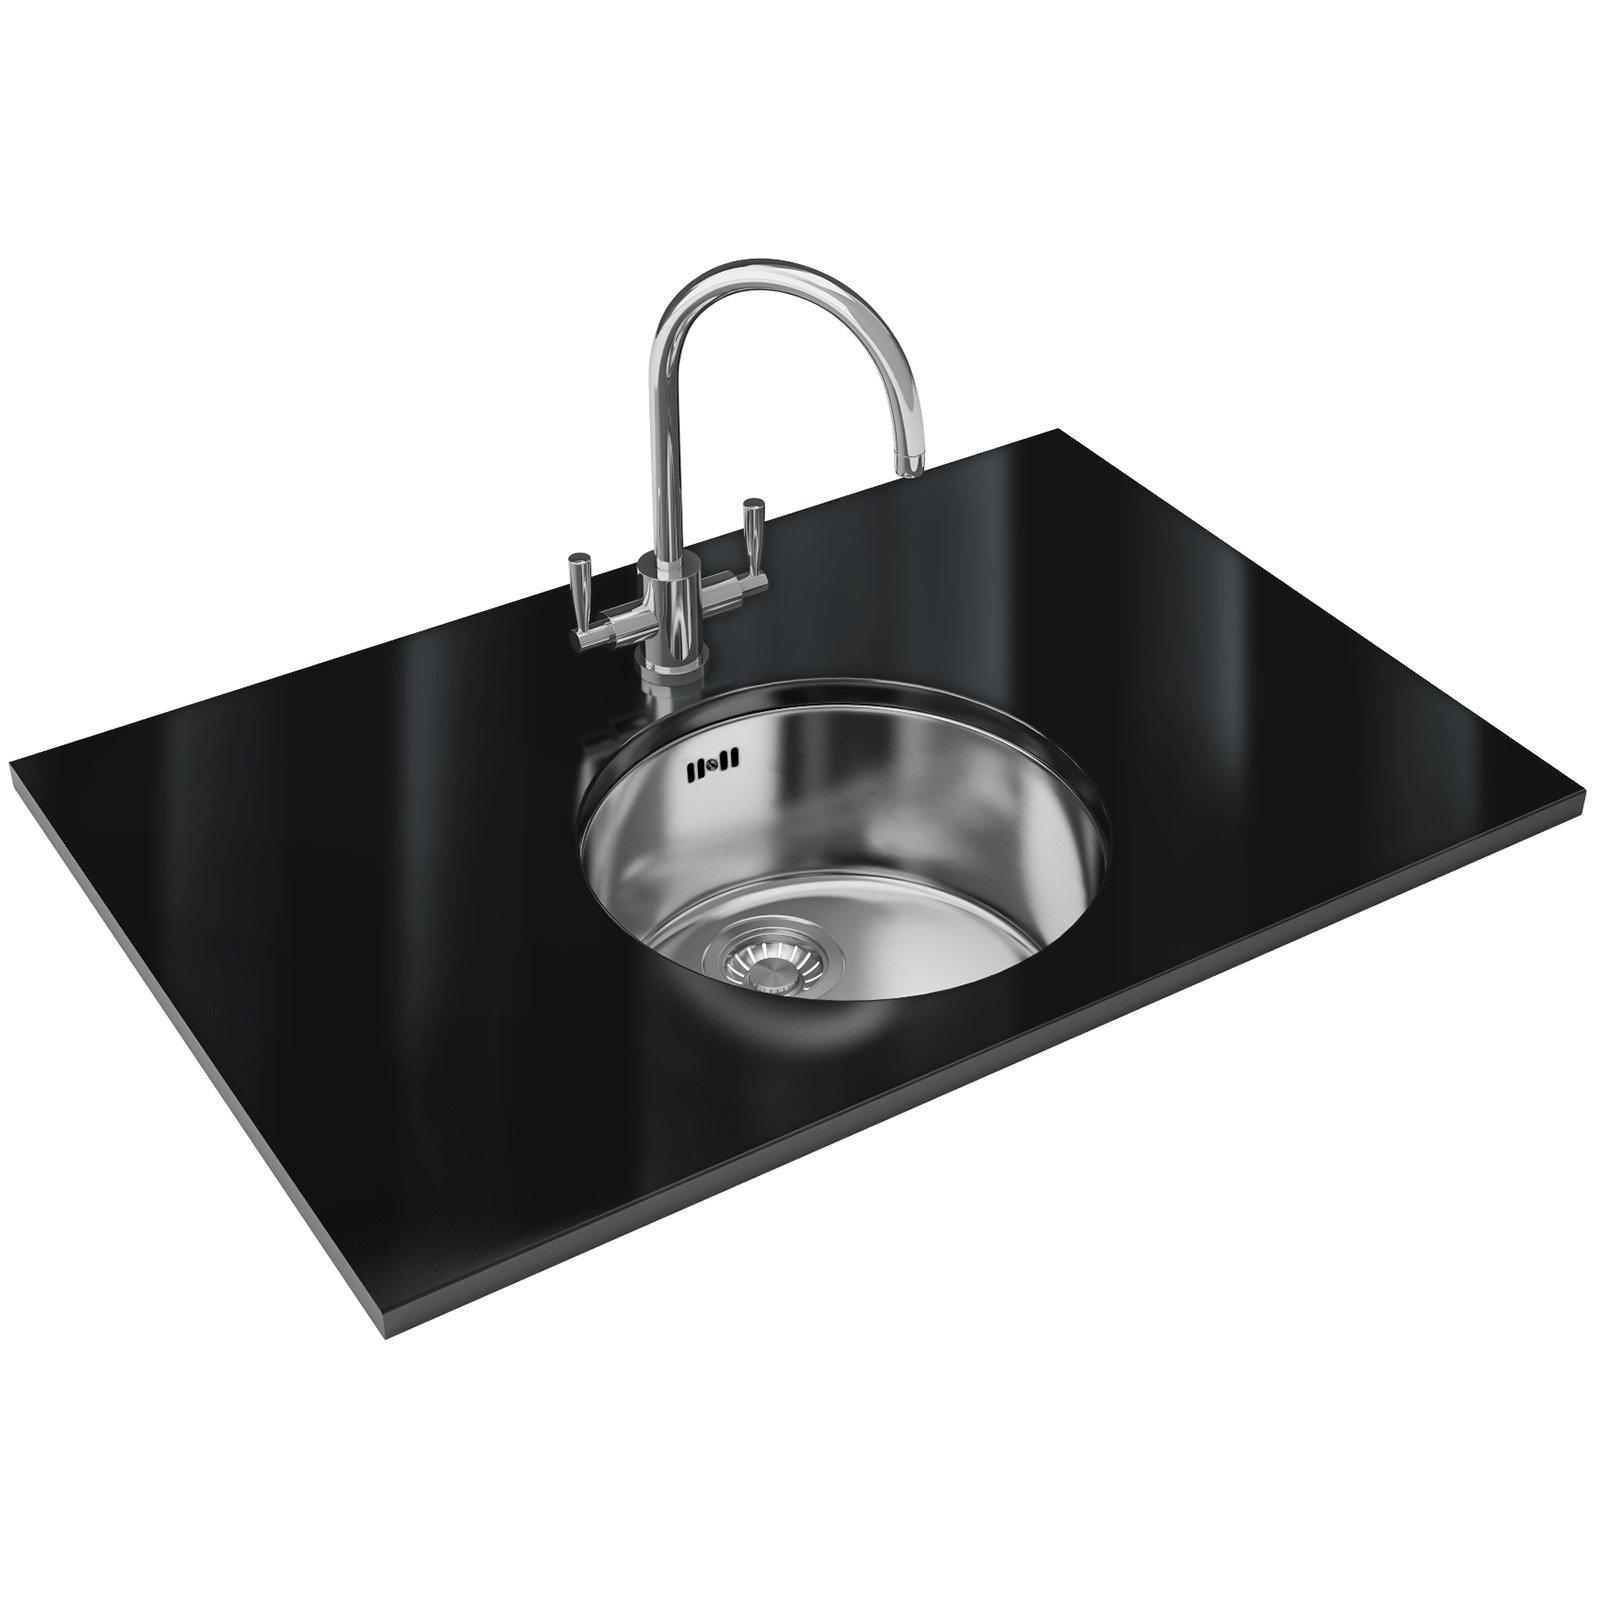 Franke rotondo rux 110 stainless steel 1 0 bowl undermount for Franke sinks